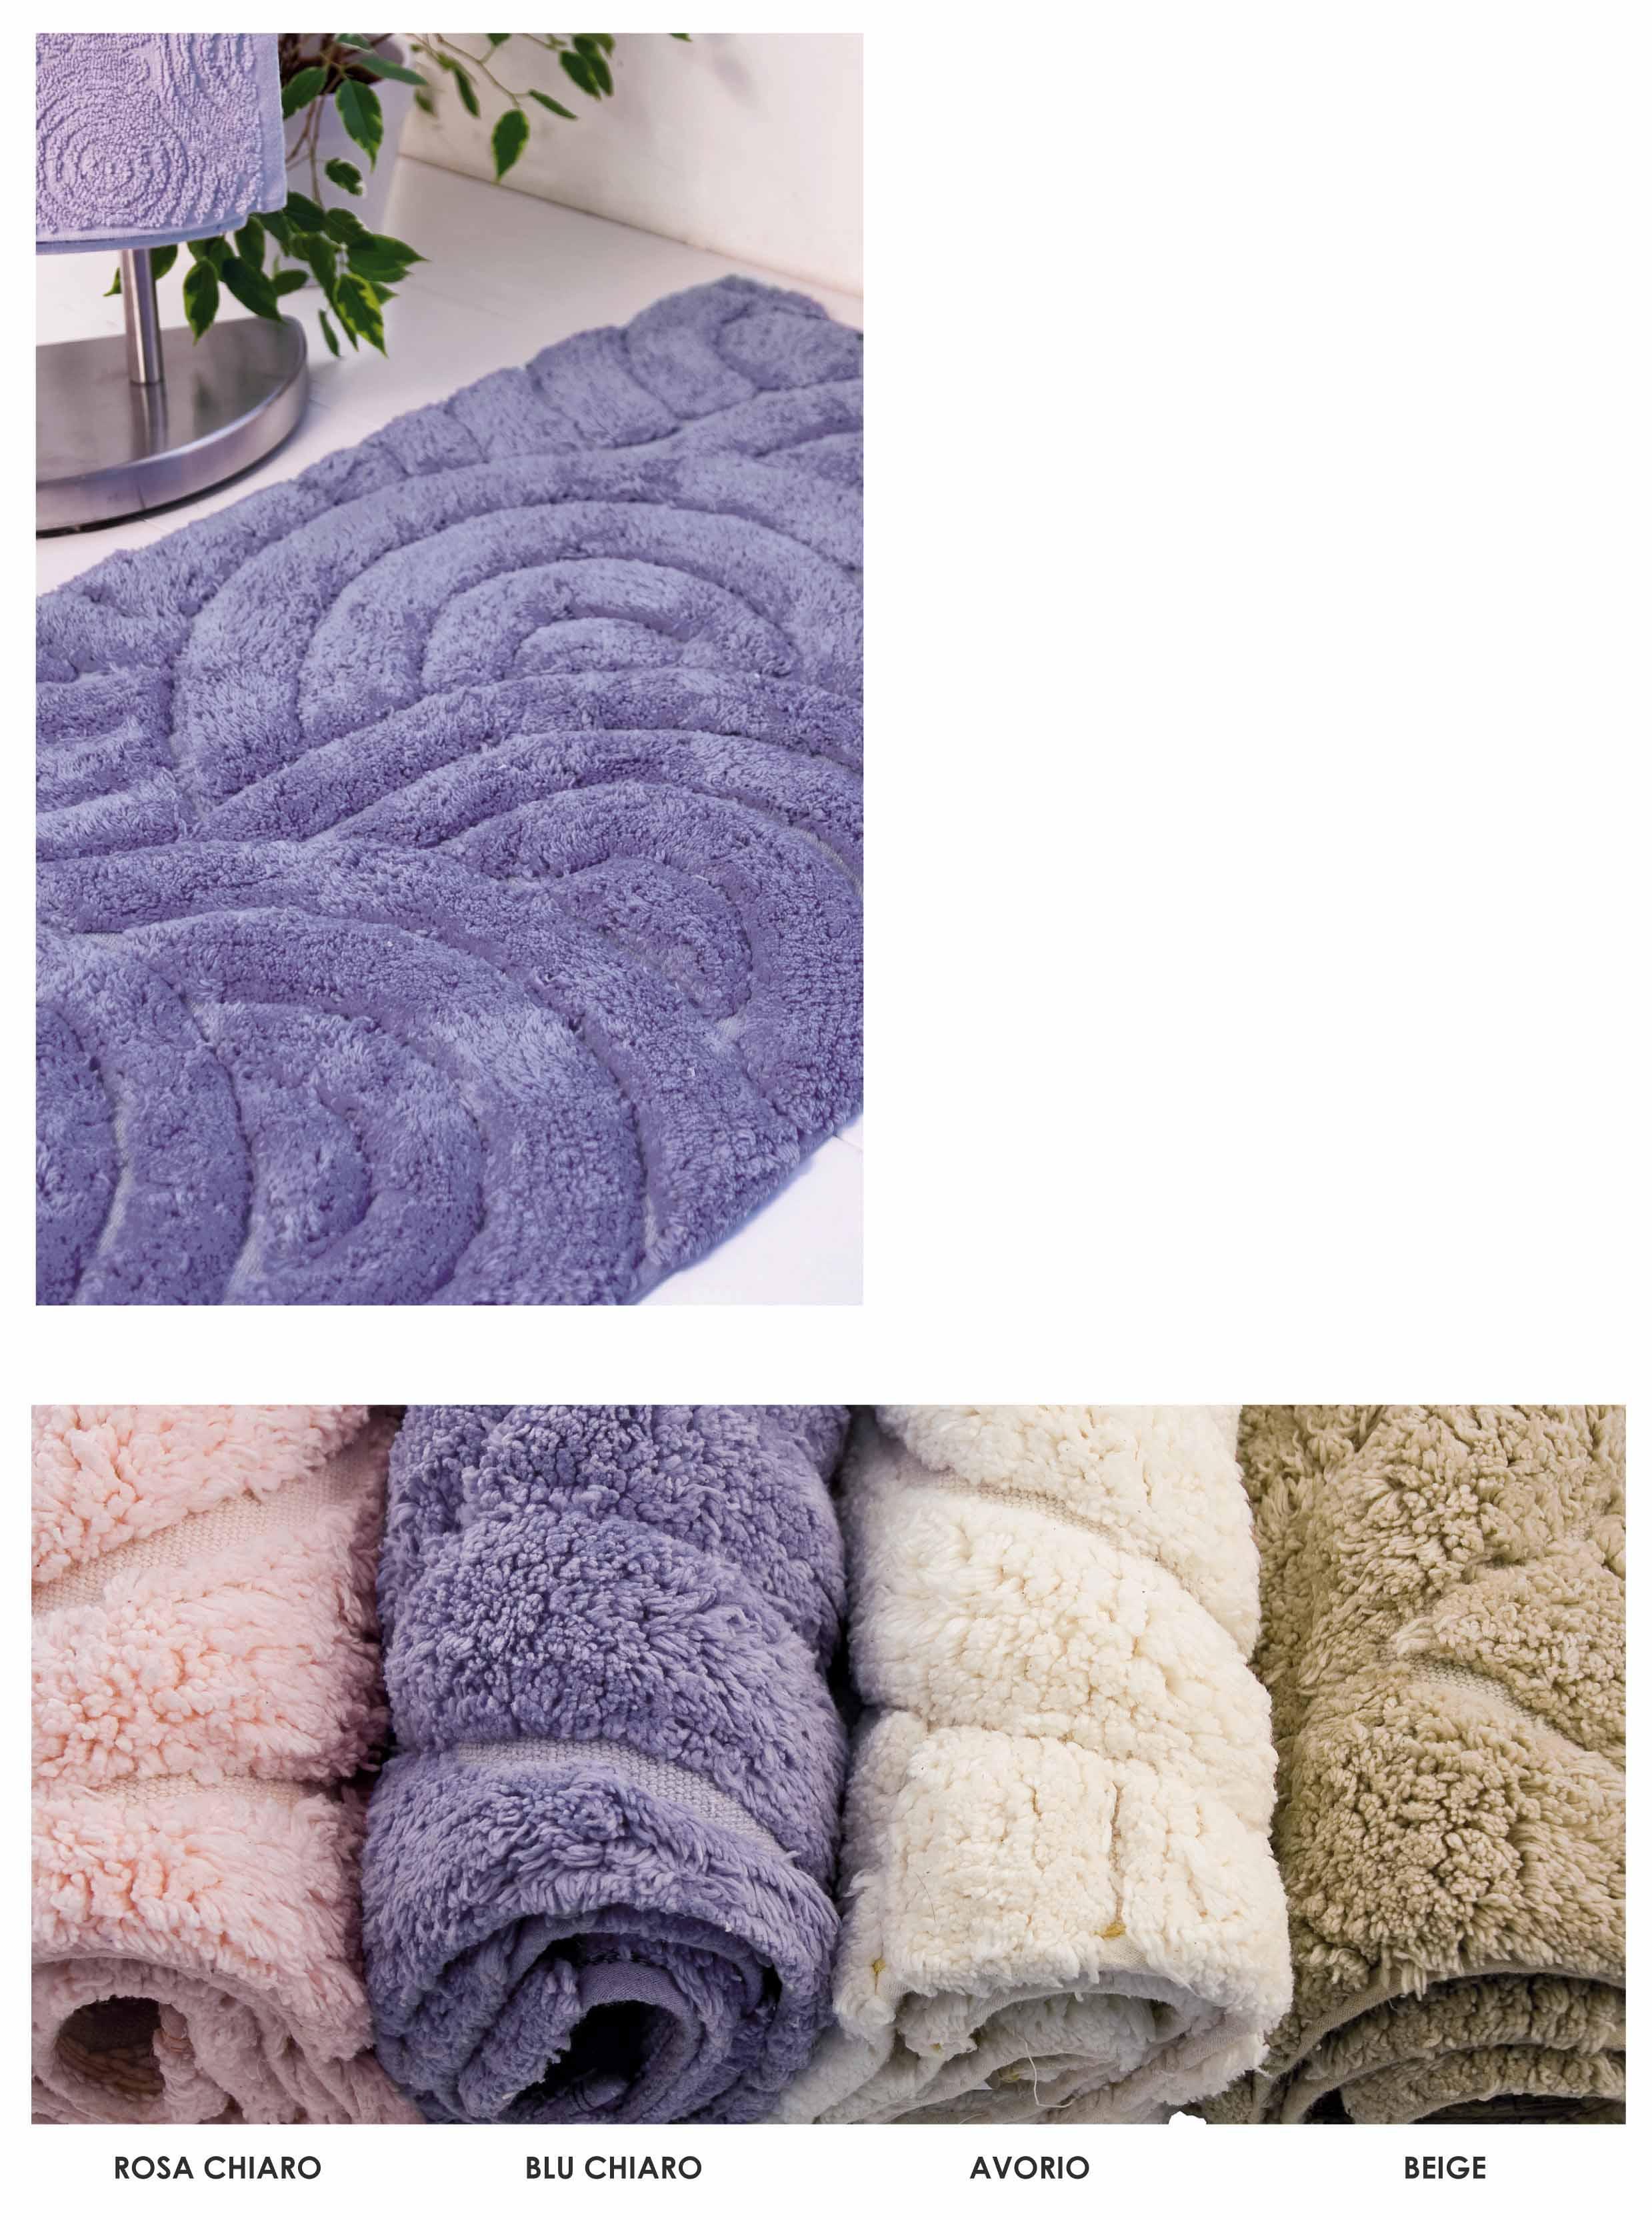 Tappeti da bagno bassetti : home prodotti pianeta casa bagno accessori ...